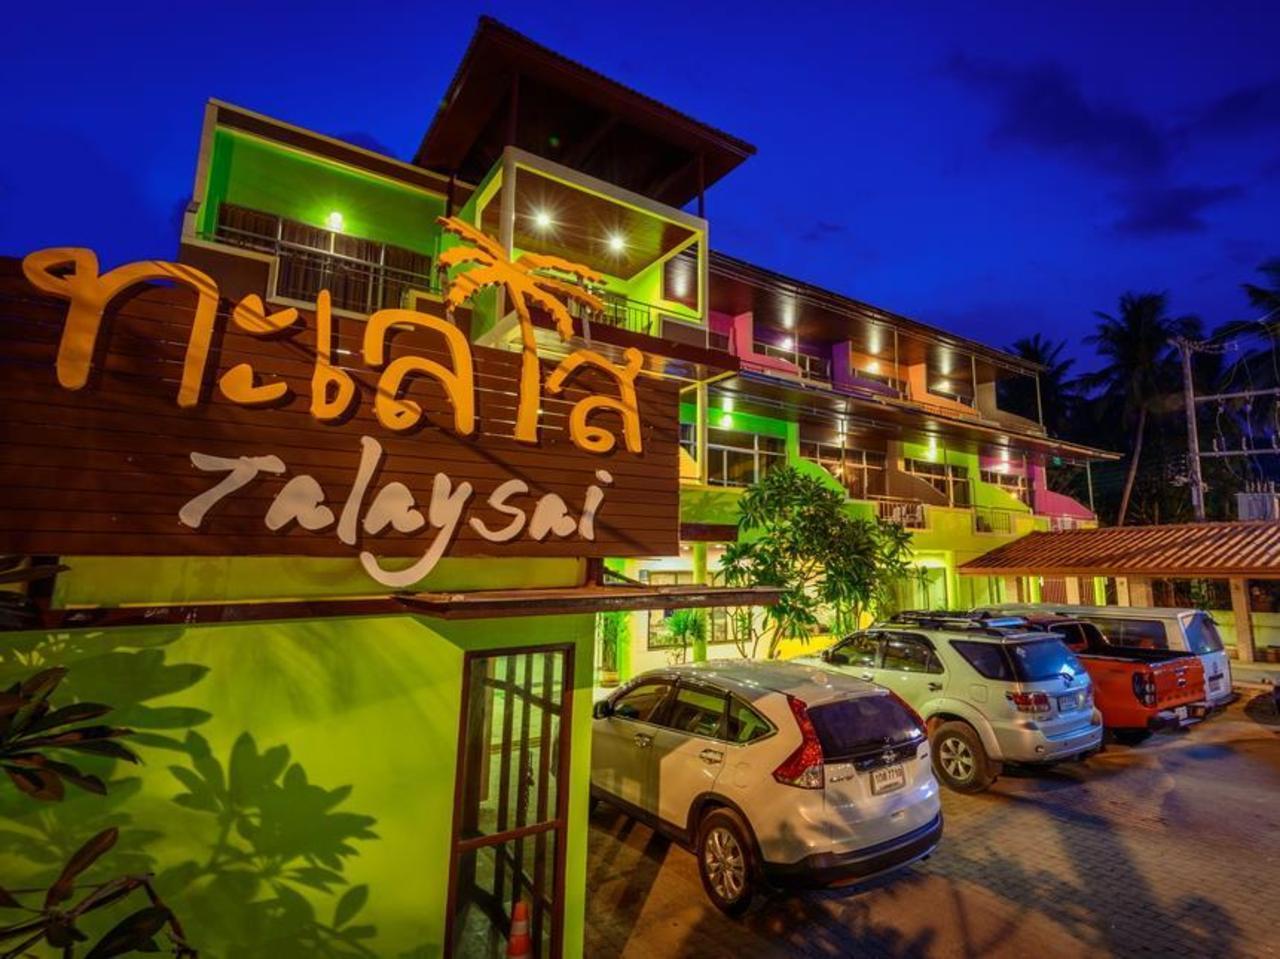 โรงแรมทะเลใส แอท ทุ่งวัวแล่น (Talay Sai Hotel)